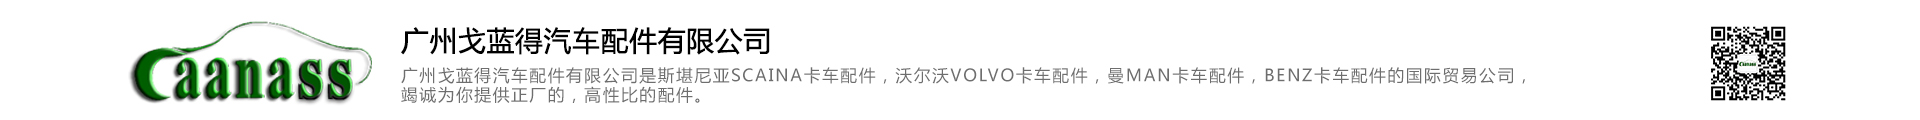 广州戈蓝得汽车配件有限公司